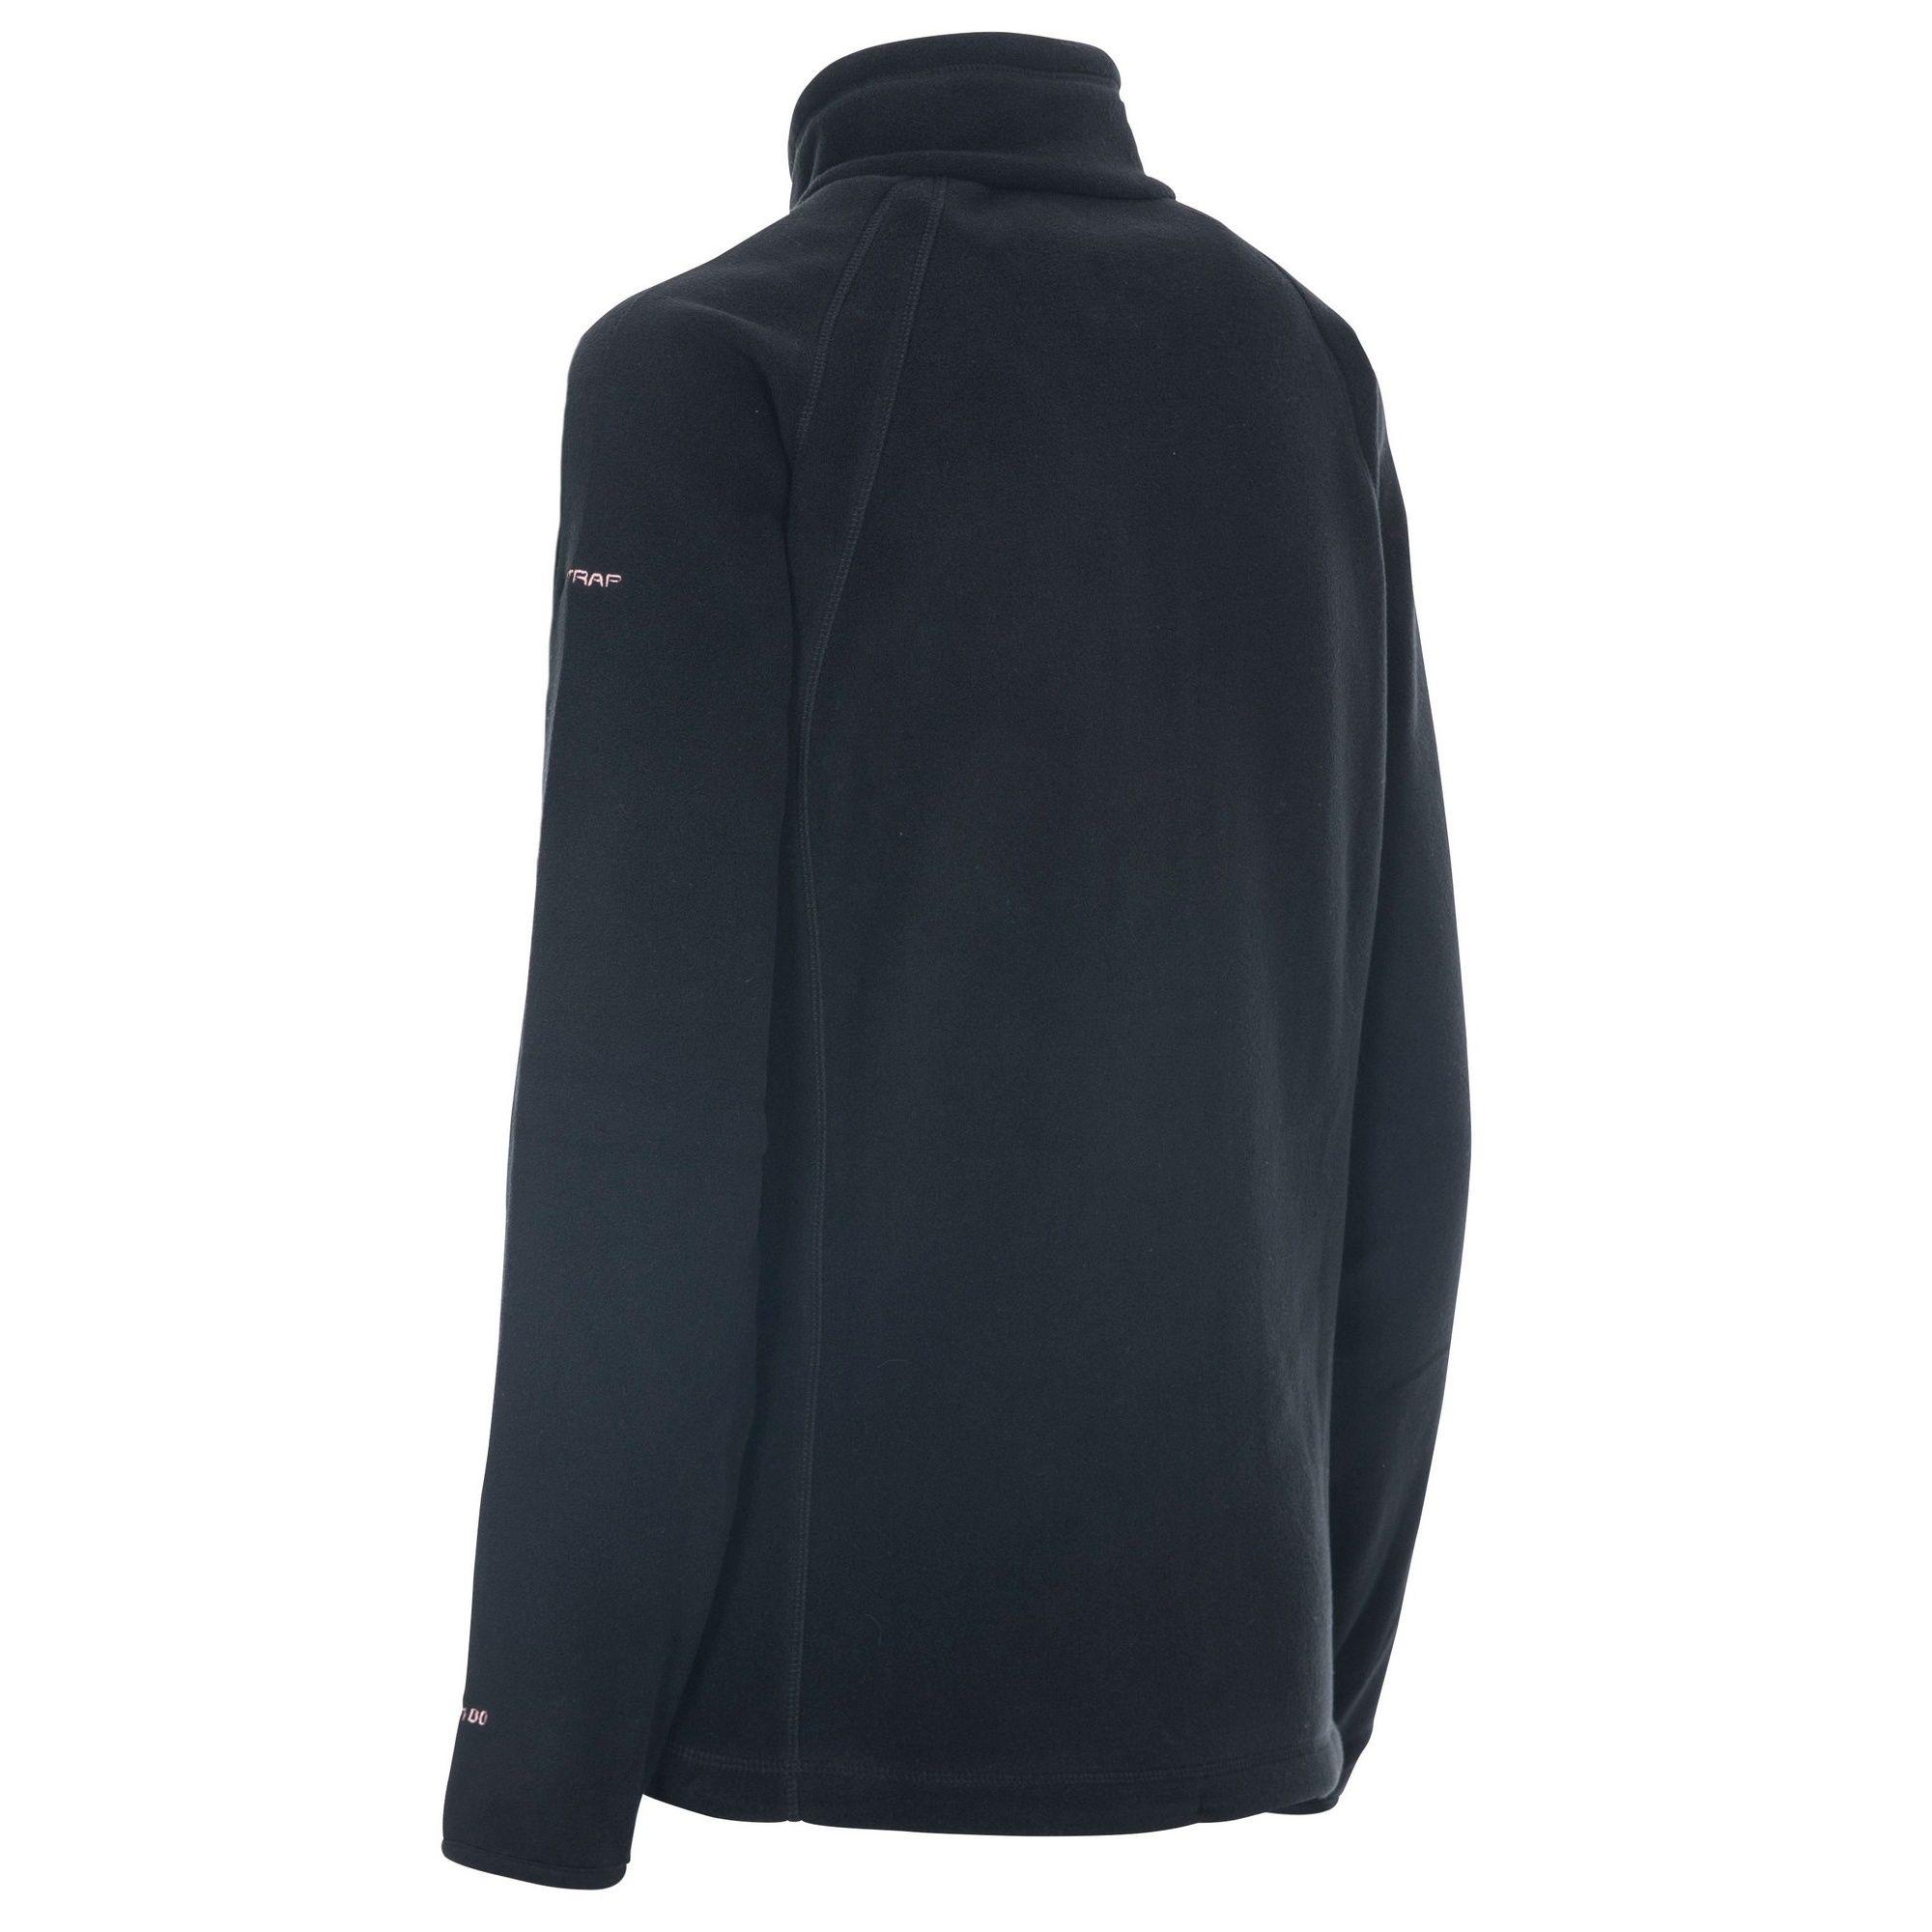 Trespass Womens/Ladies Nonstop Fleece Jacket